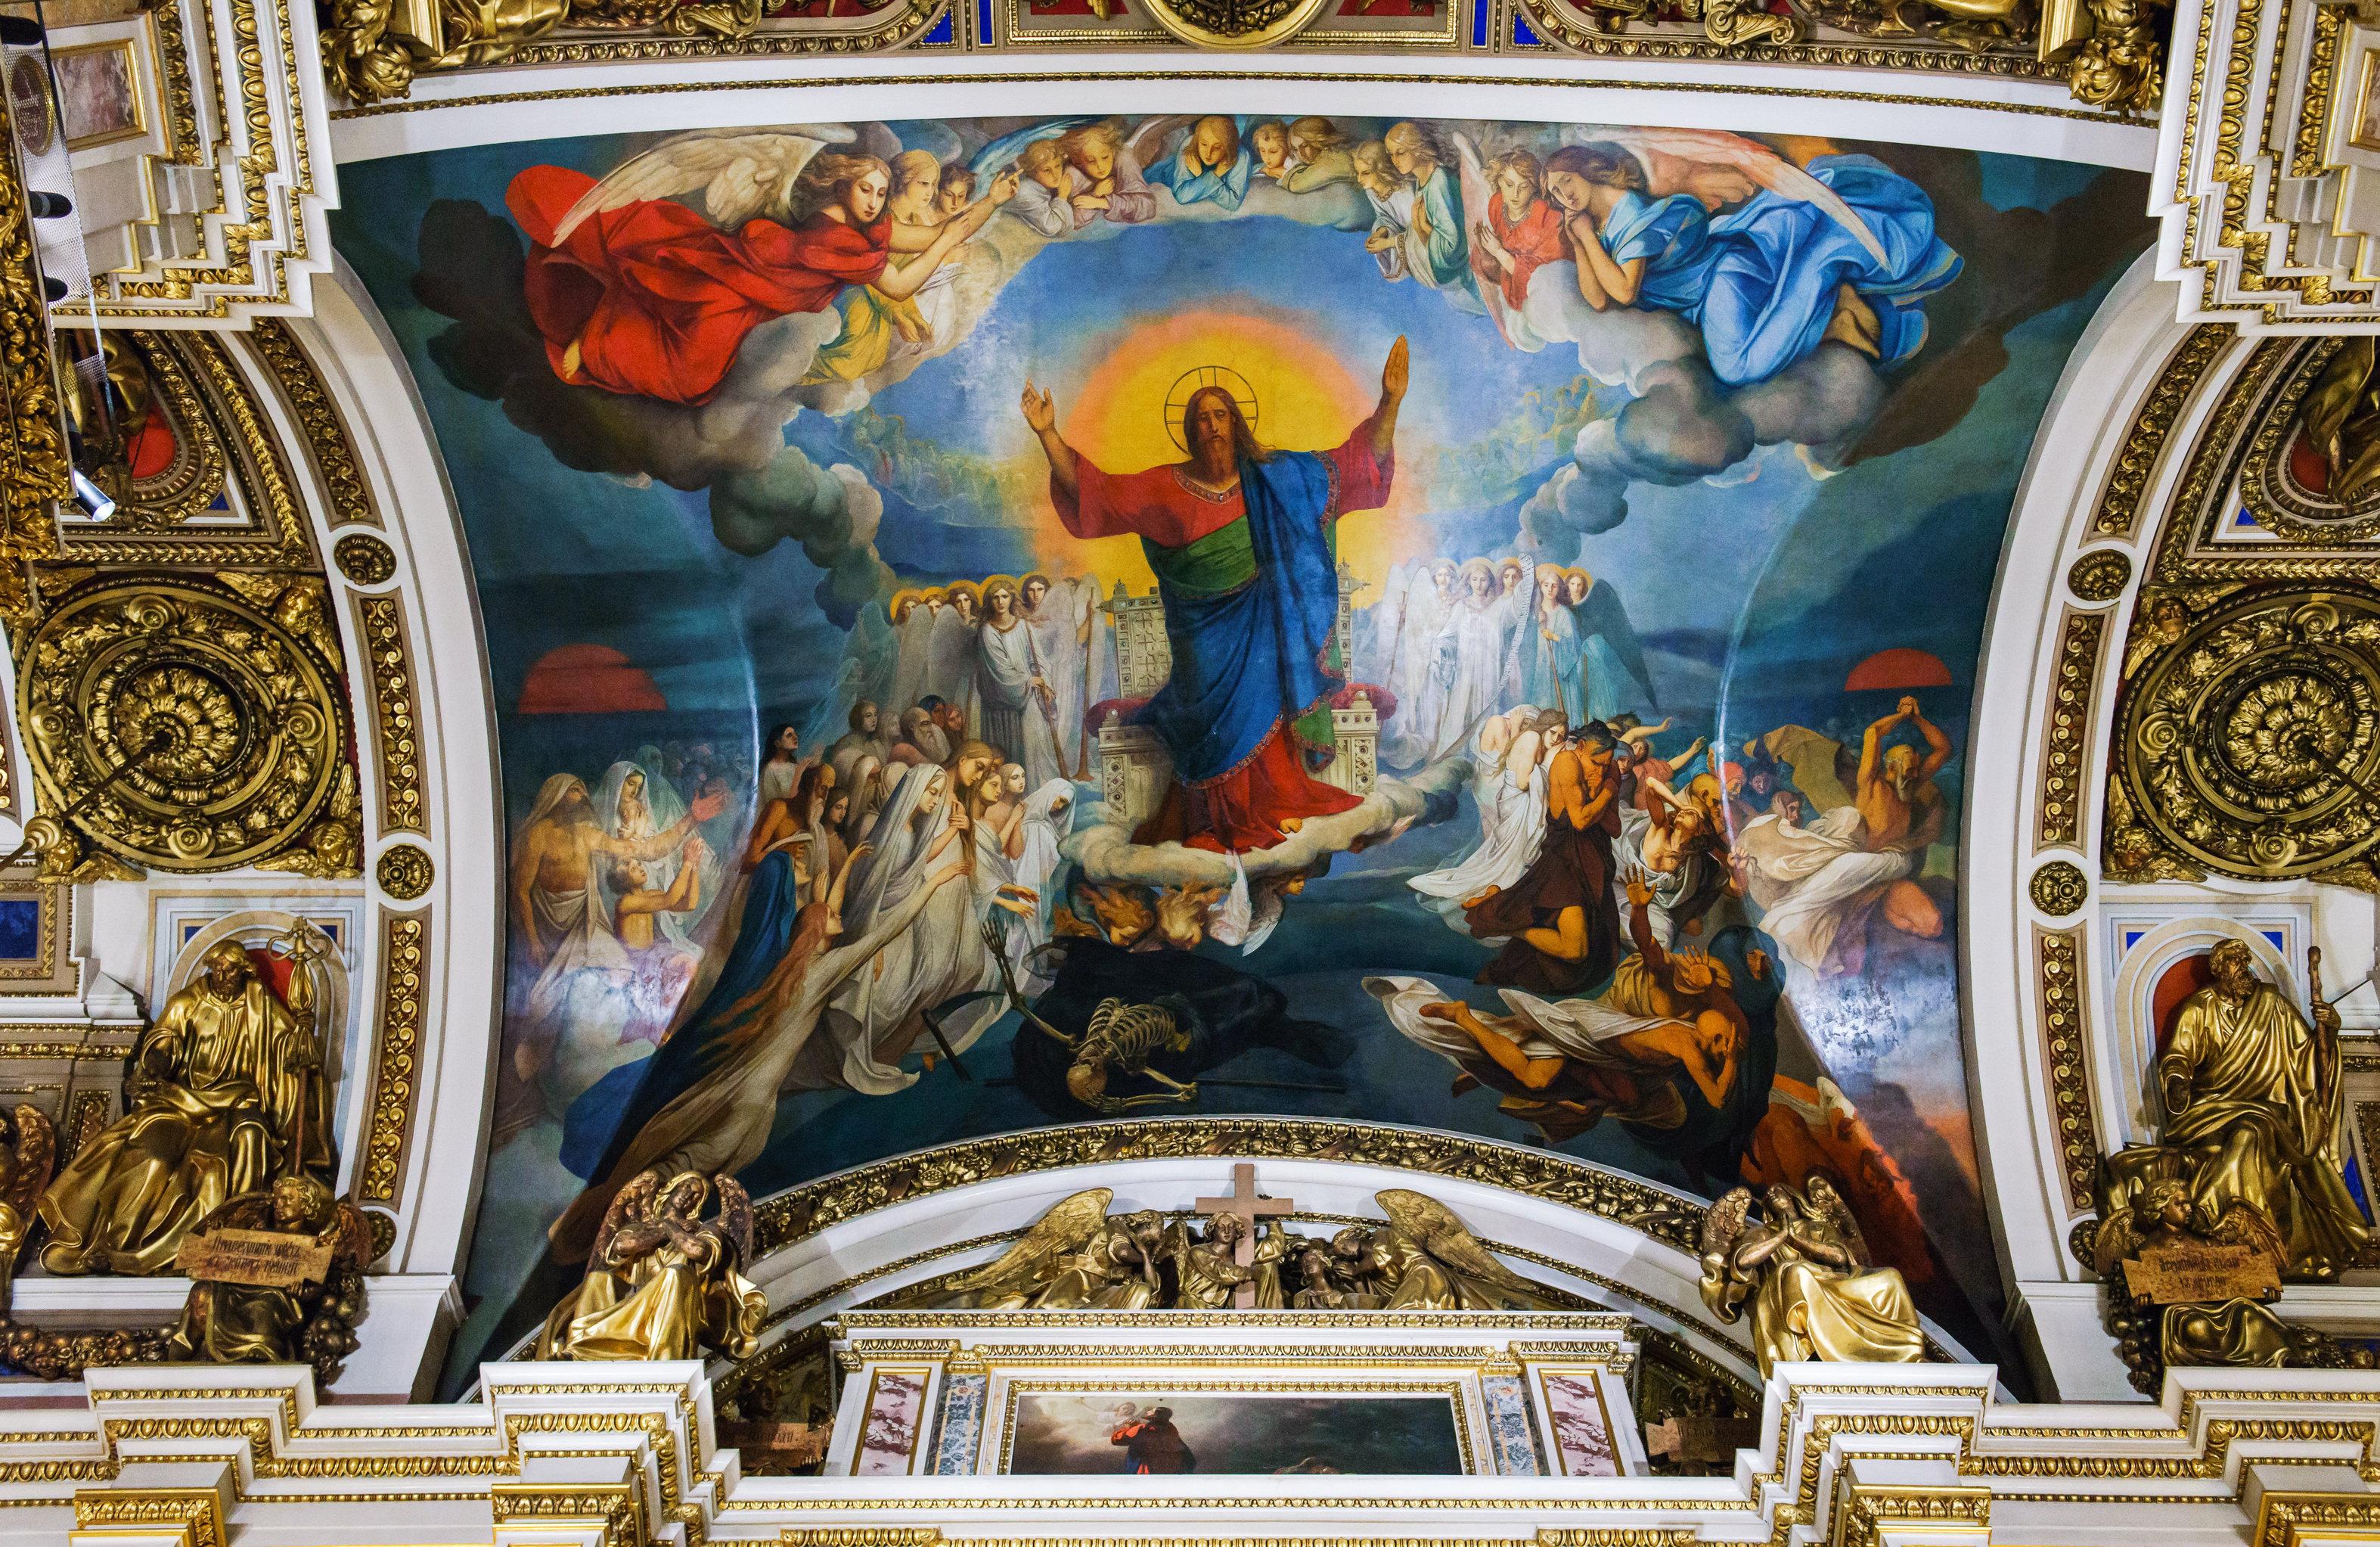 Роспись Страшный суд (художник Ф. Бруни) над залом Исаакиевского собора